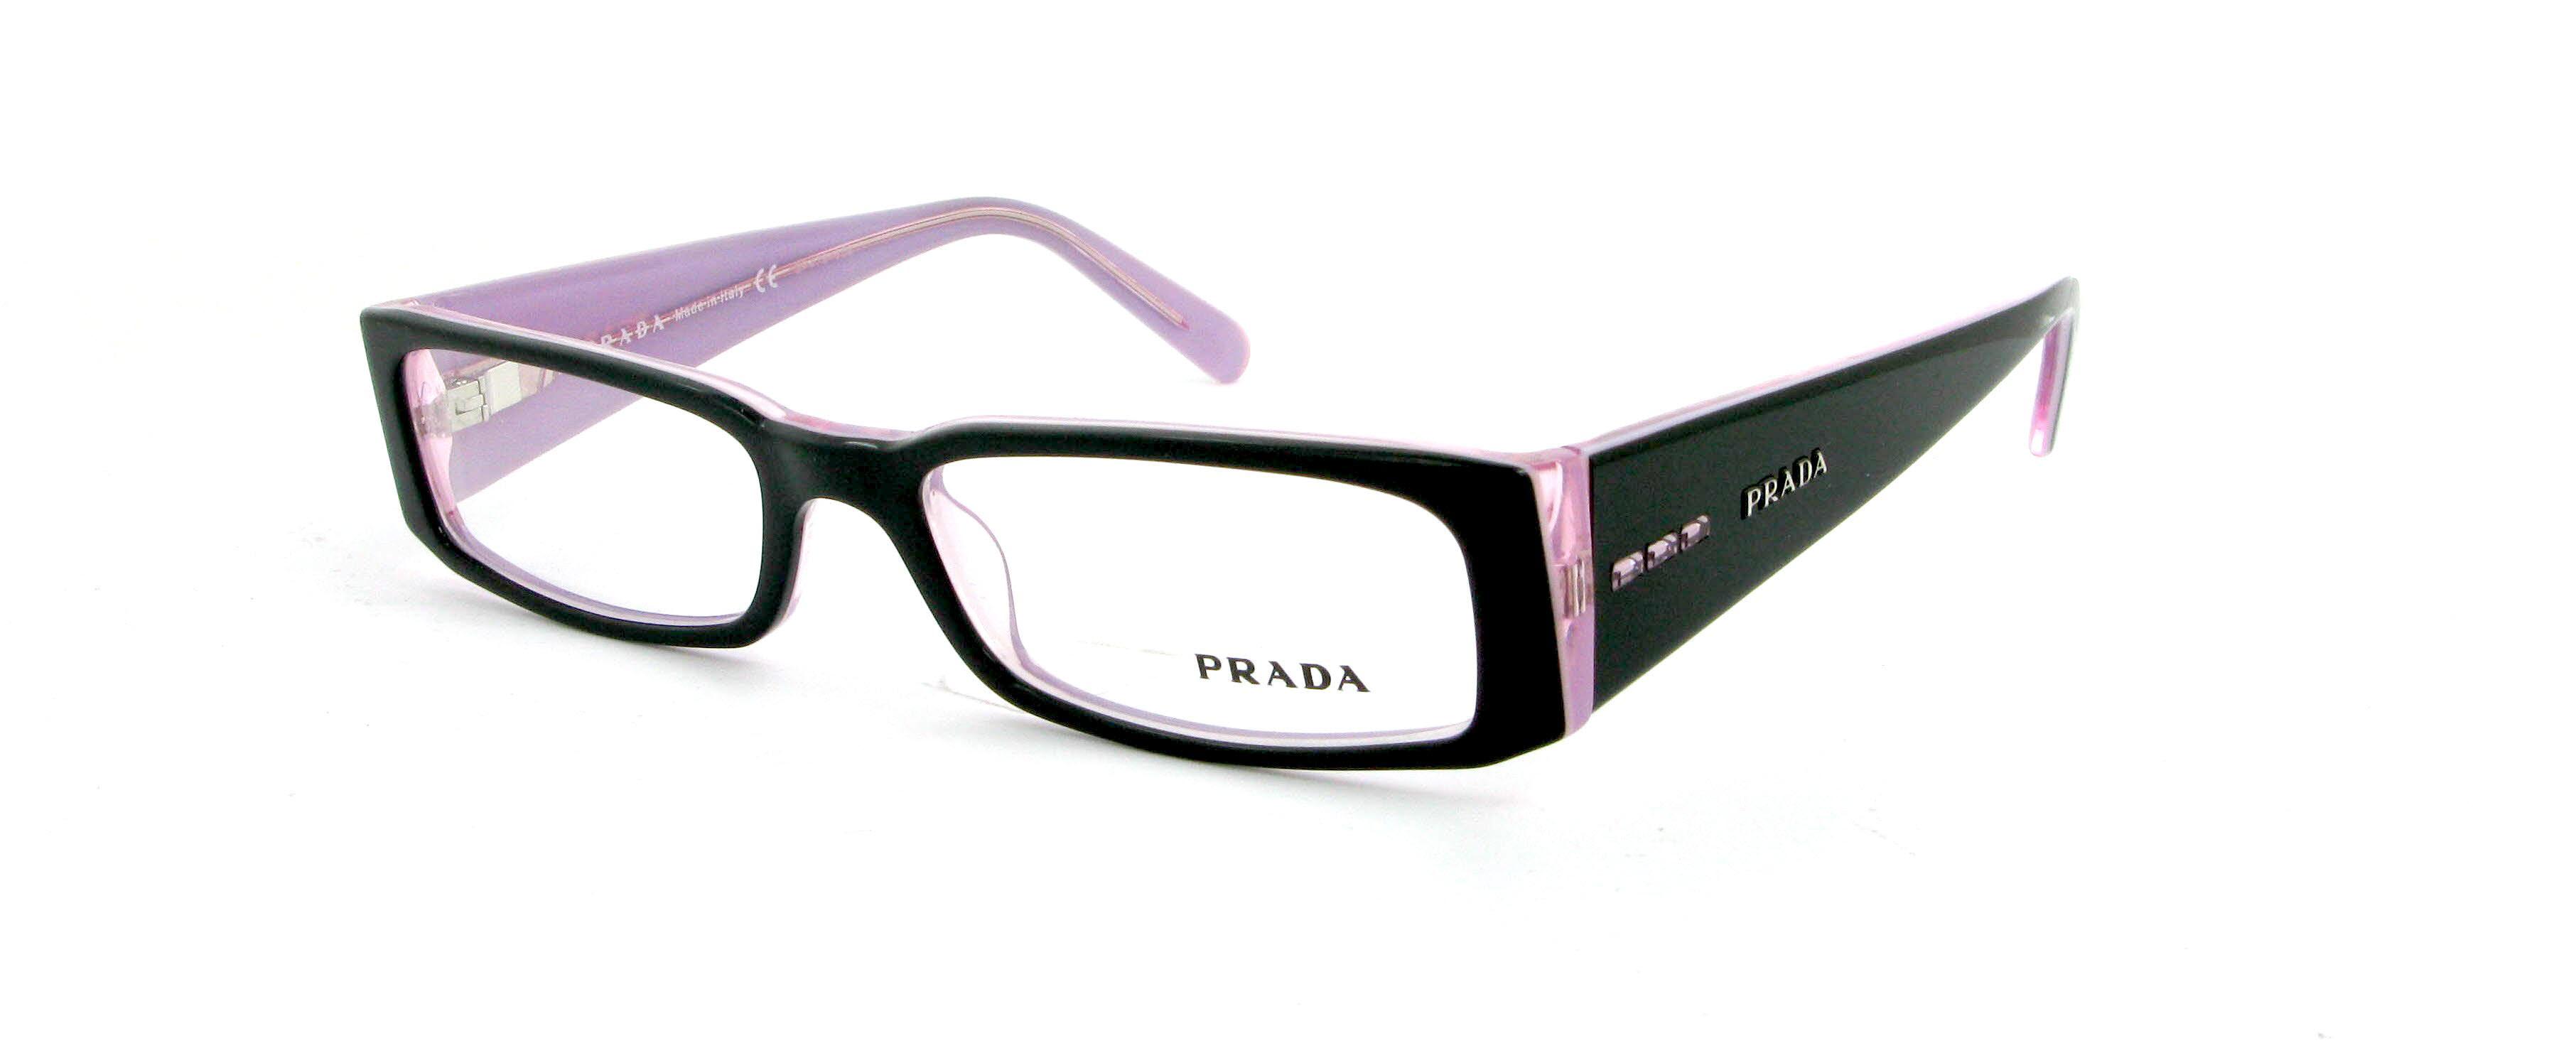 02009164e7a5e lunettes de vue femme essai en ligne